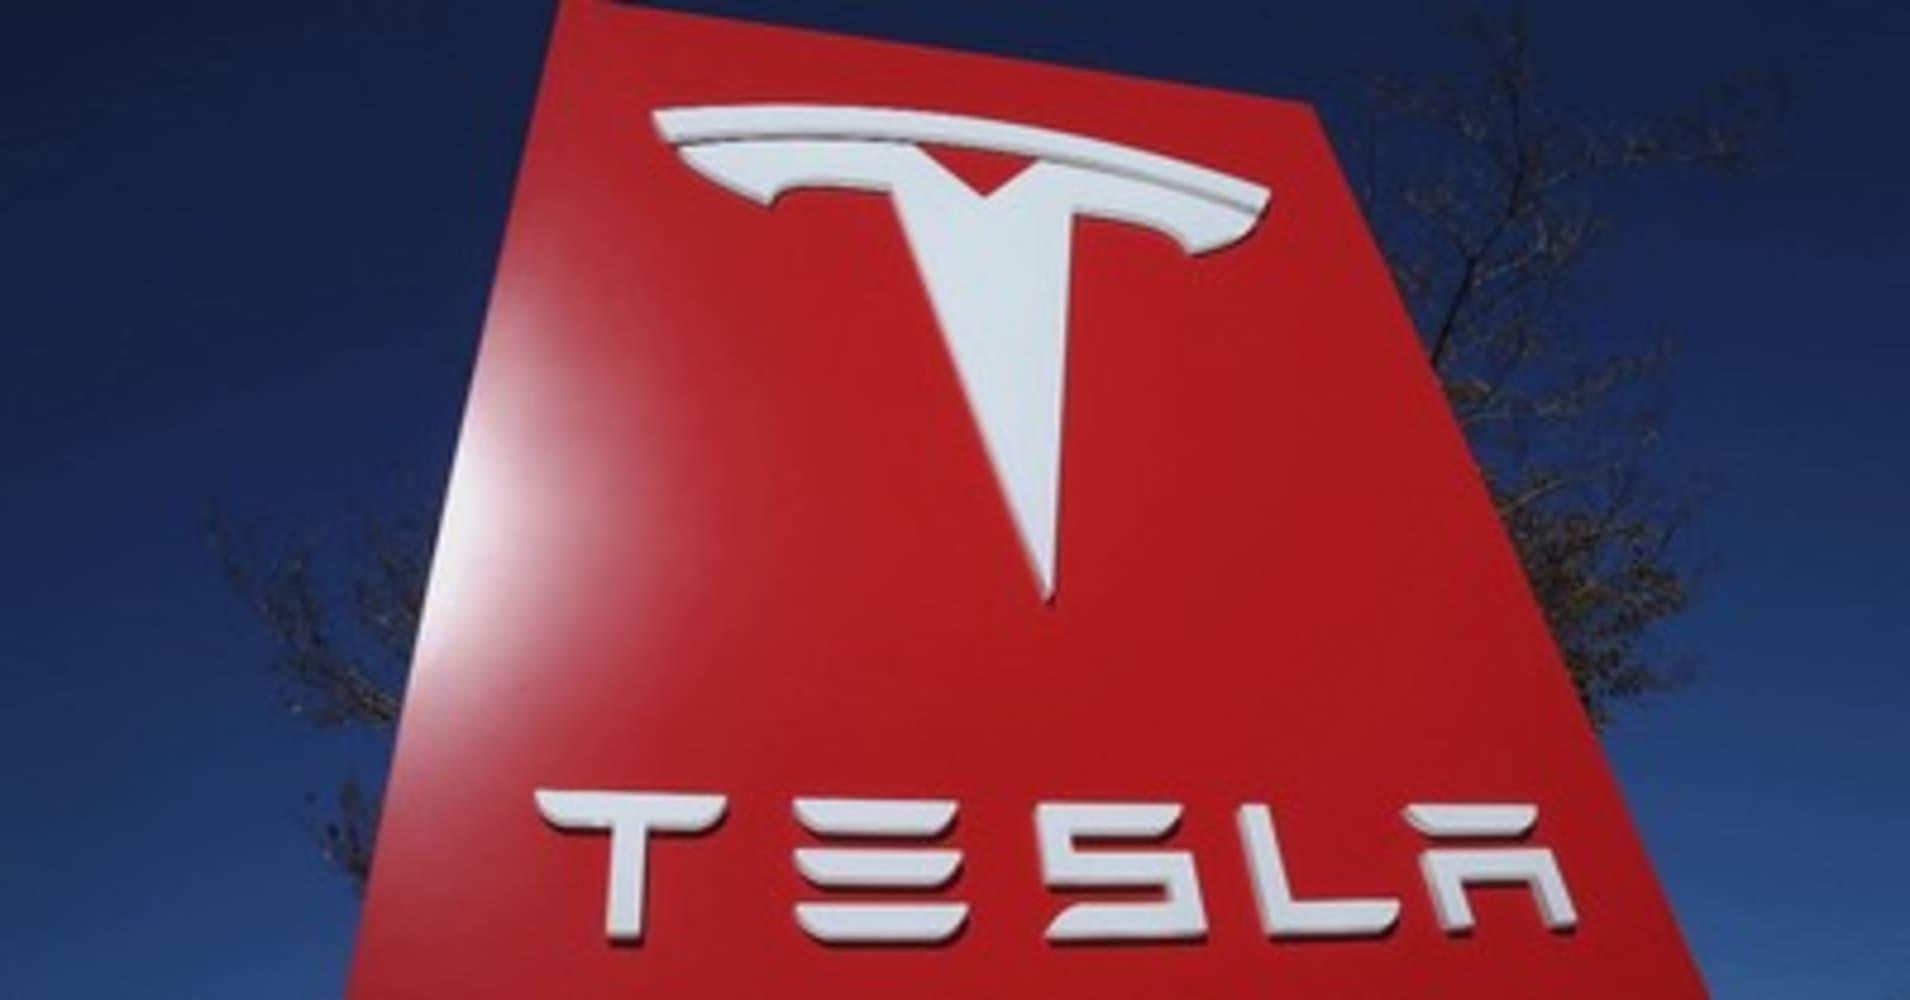 Billionaire Ron Baron predicts Tesla will have $1 trillion in revenue